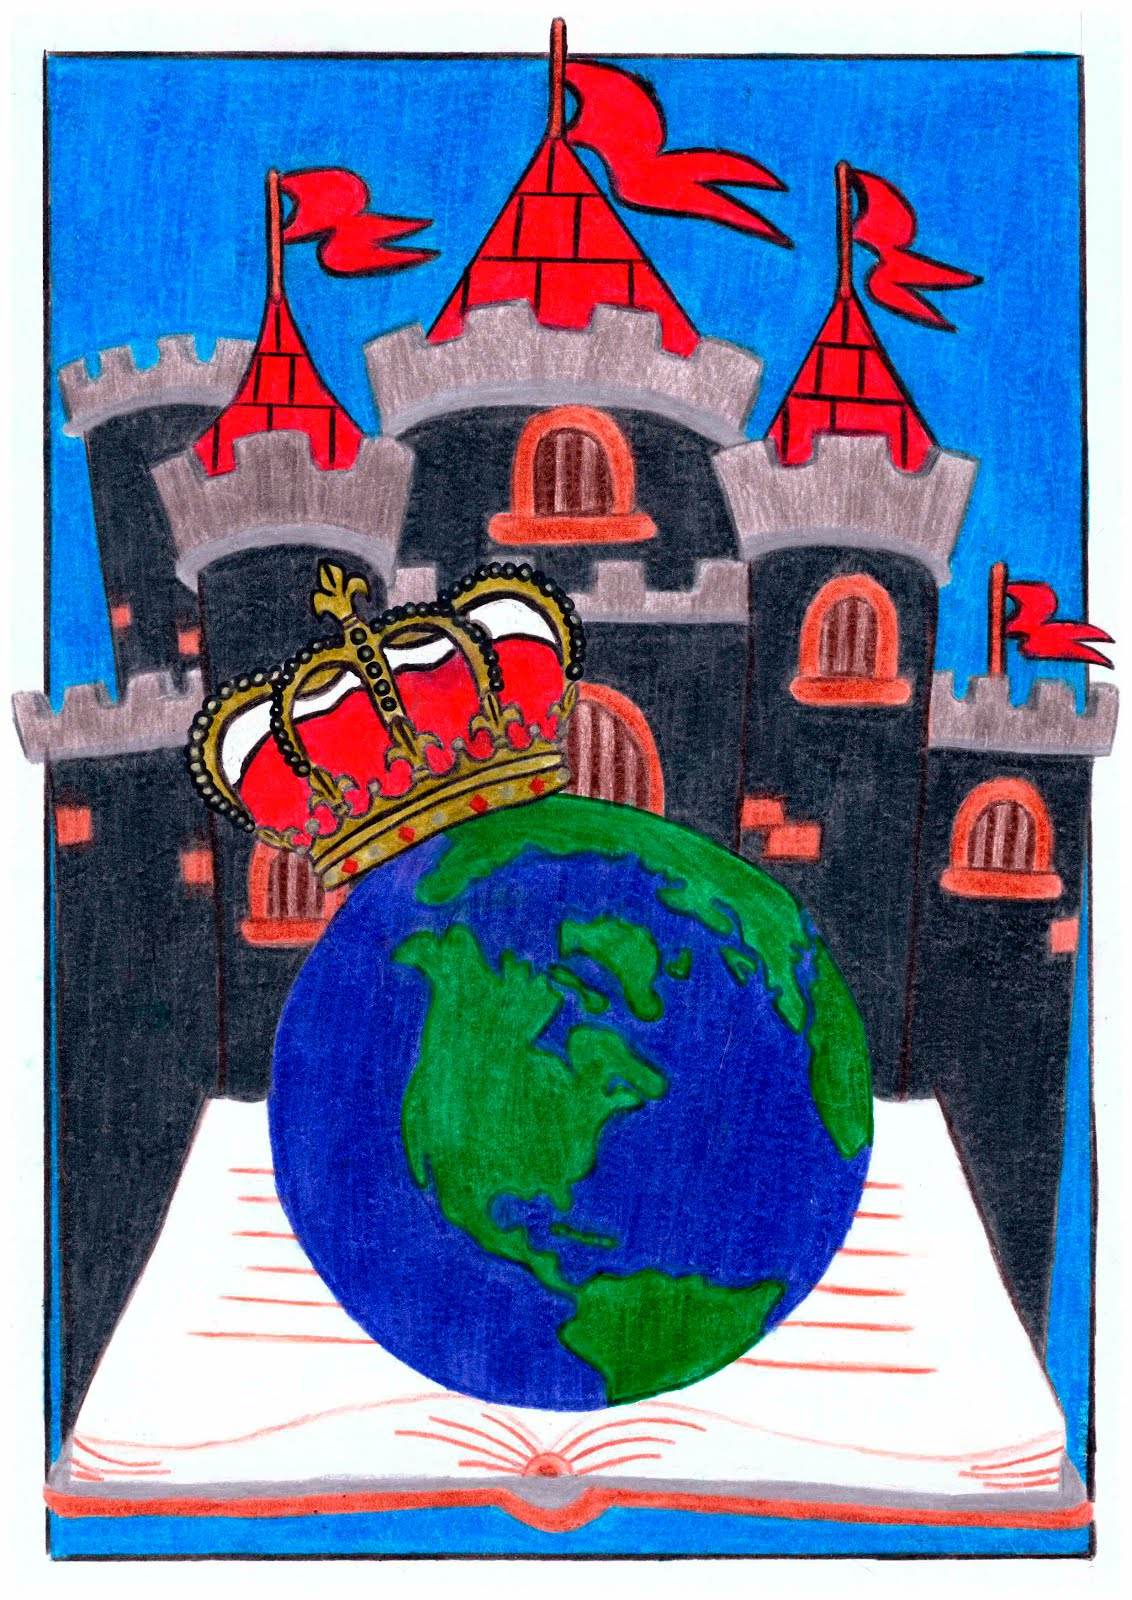 Desenho vencedor do Concurso de Criação do Layout gráfico da 20ª Edição Feira do Livro de Gramado